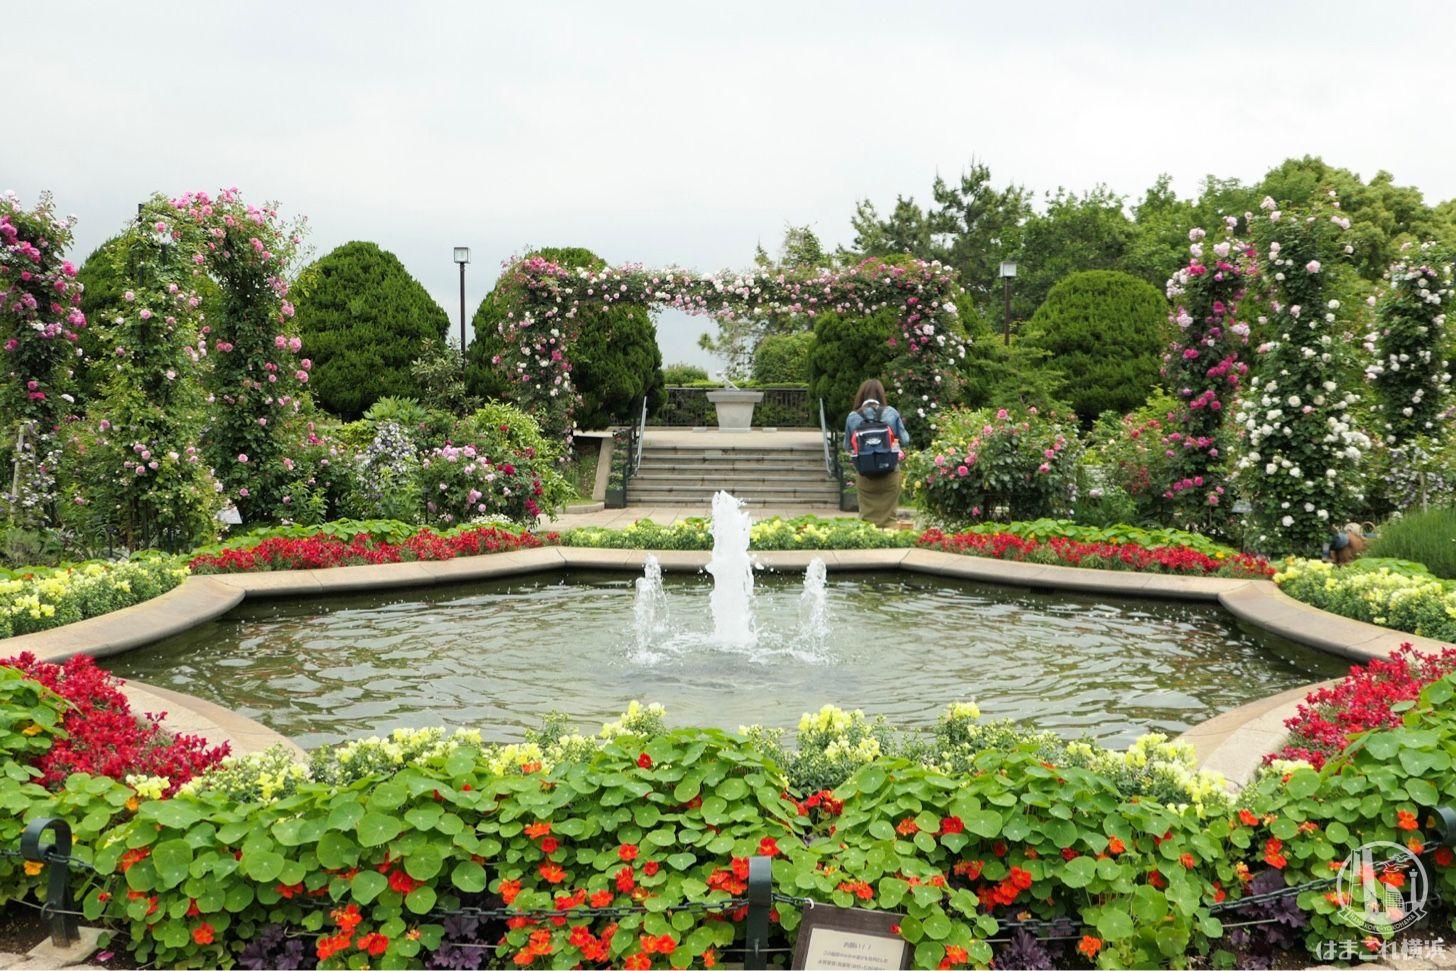 2018年 港の見える丘公園のバラが見頃 ガーデンを染めるバラを撮っ